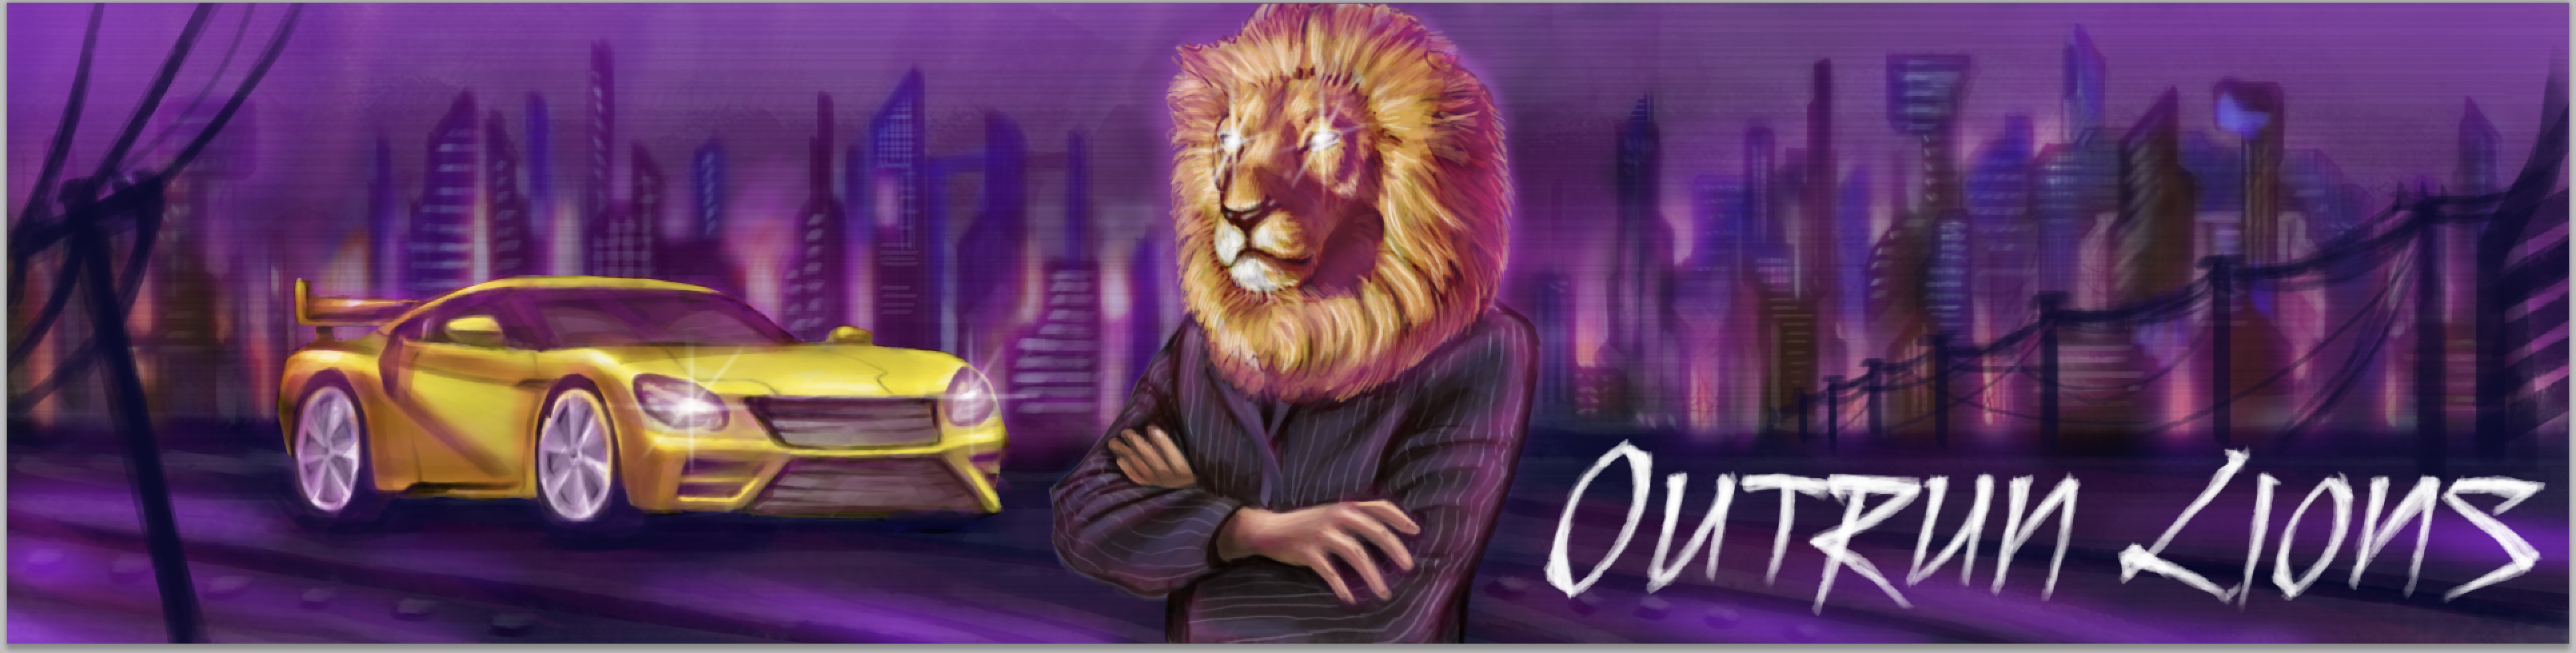 Website Banner Illustration - Digita